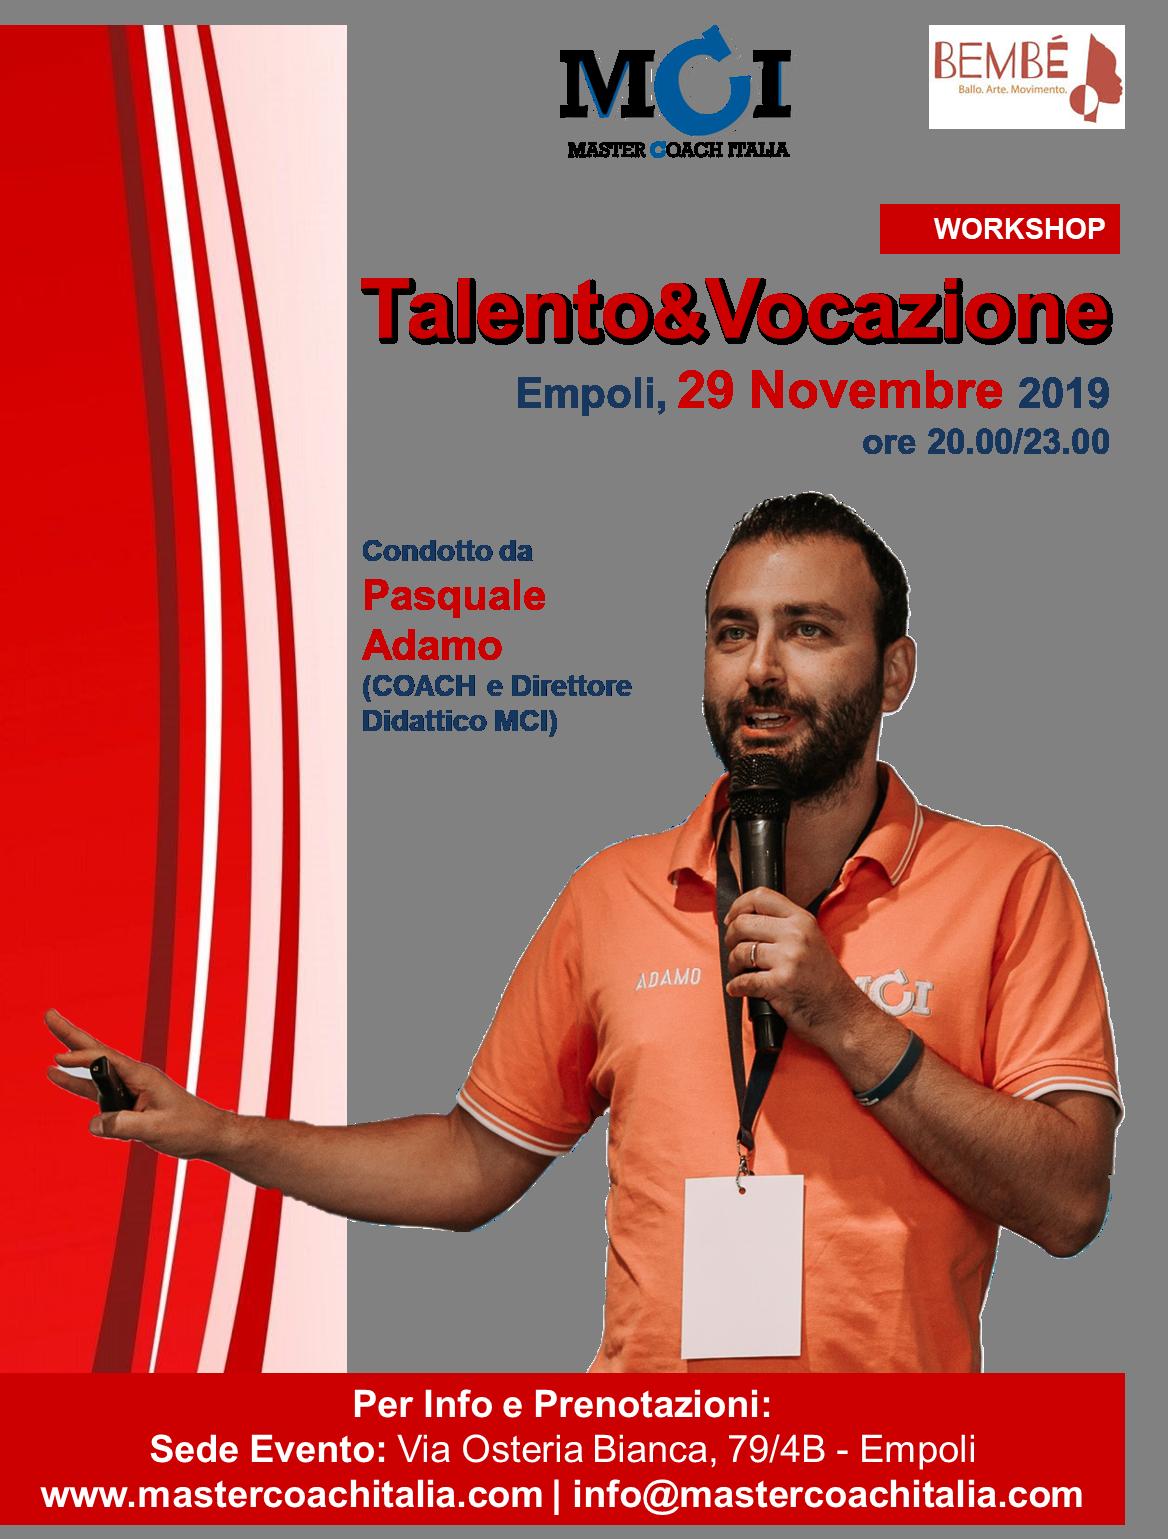 Empoli: Talento e Vocazione